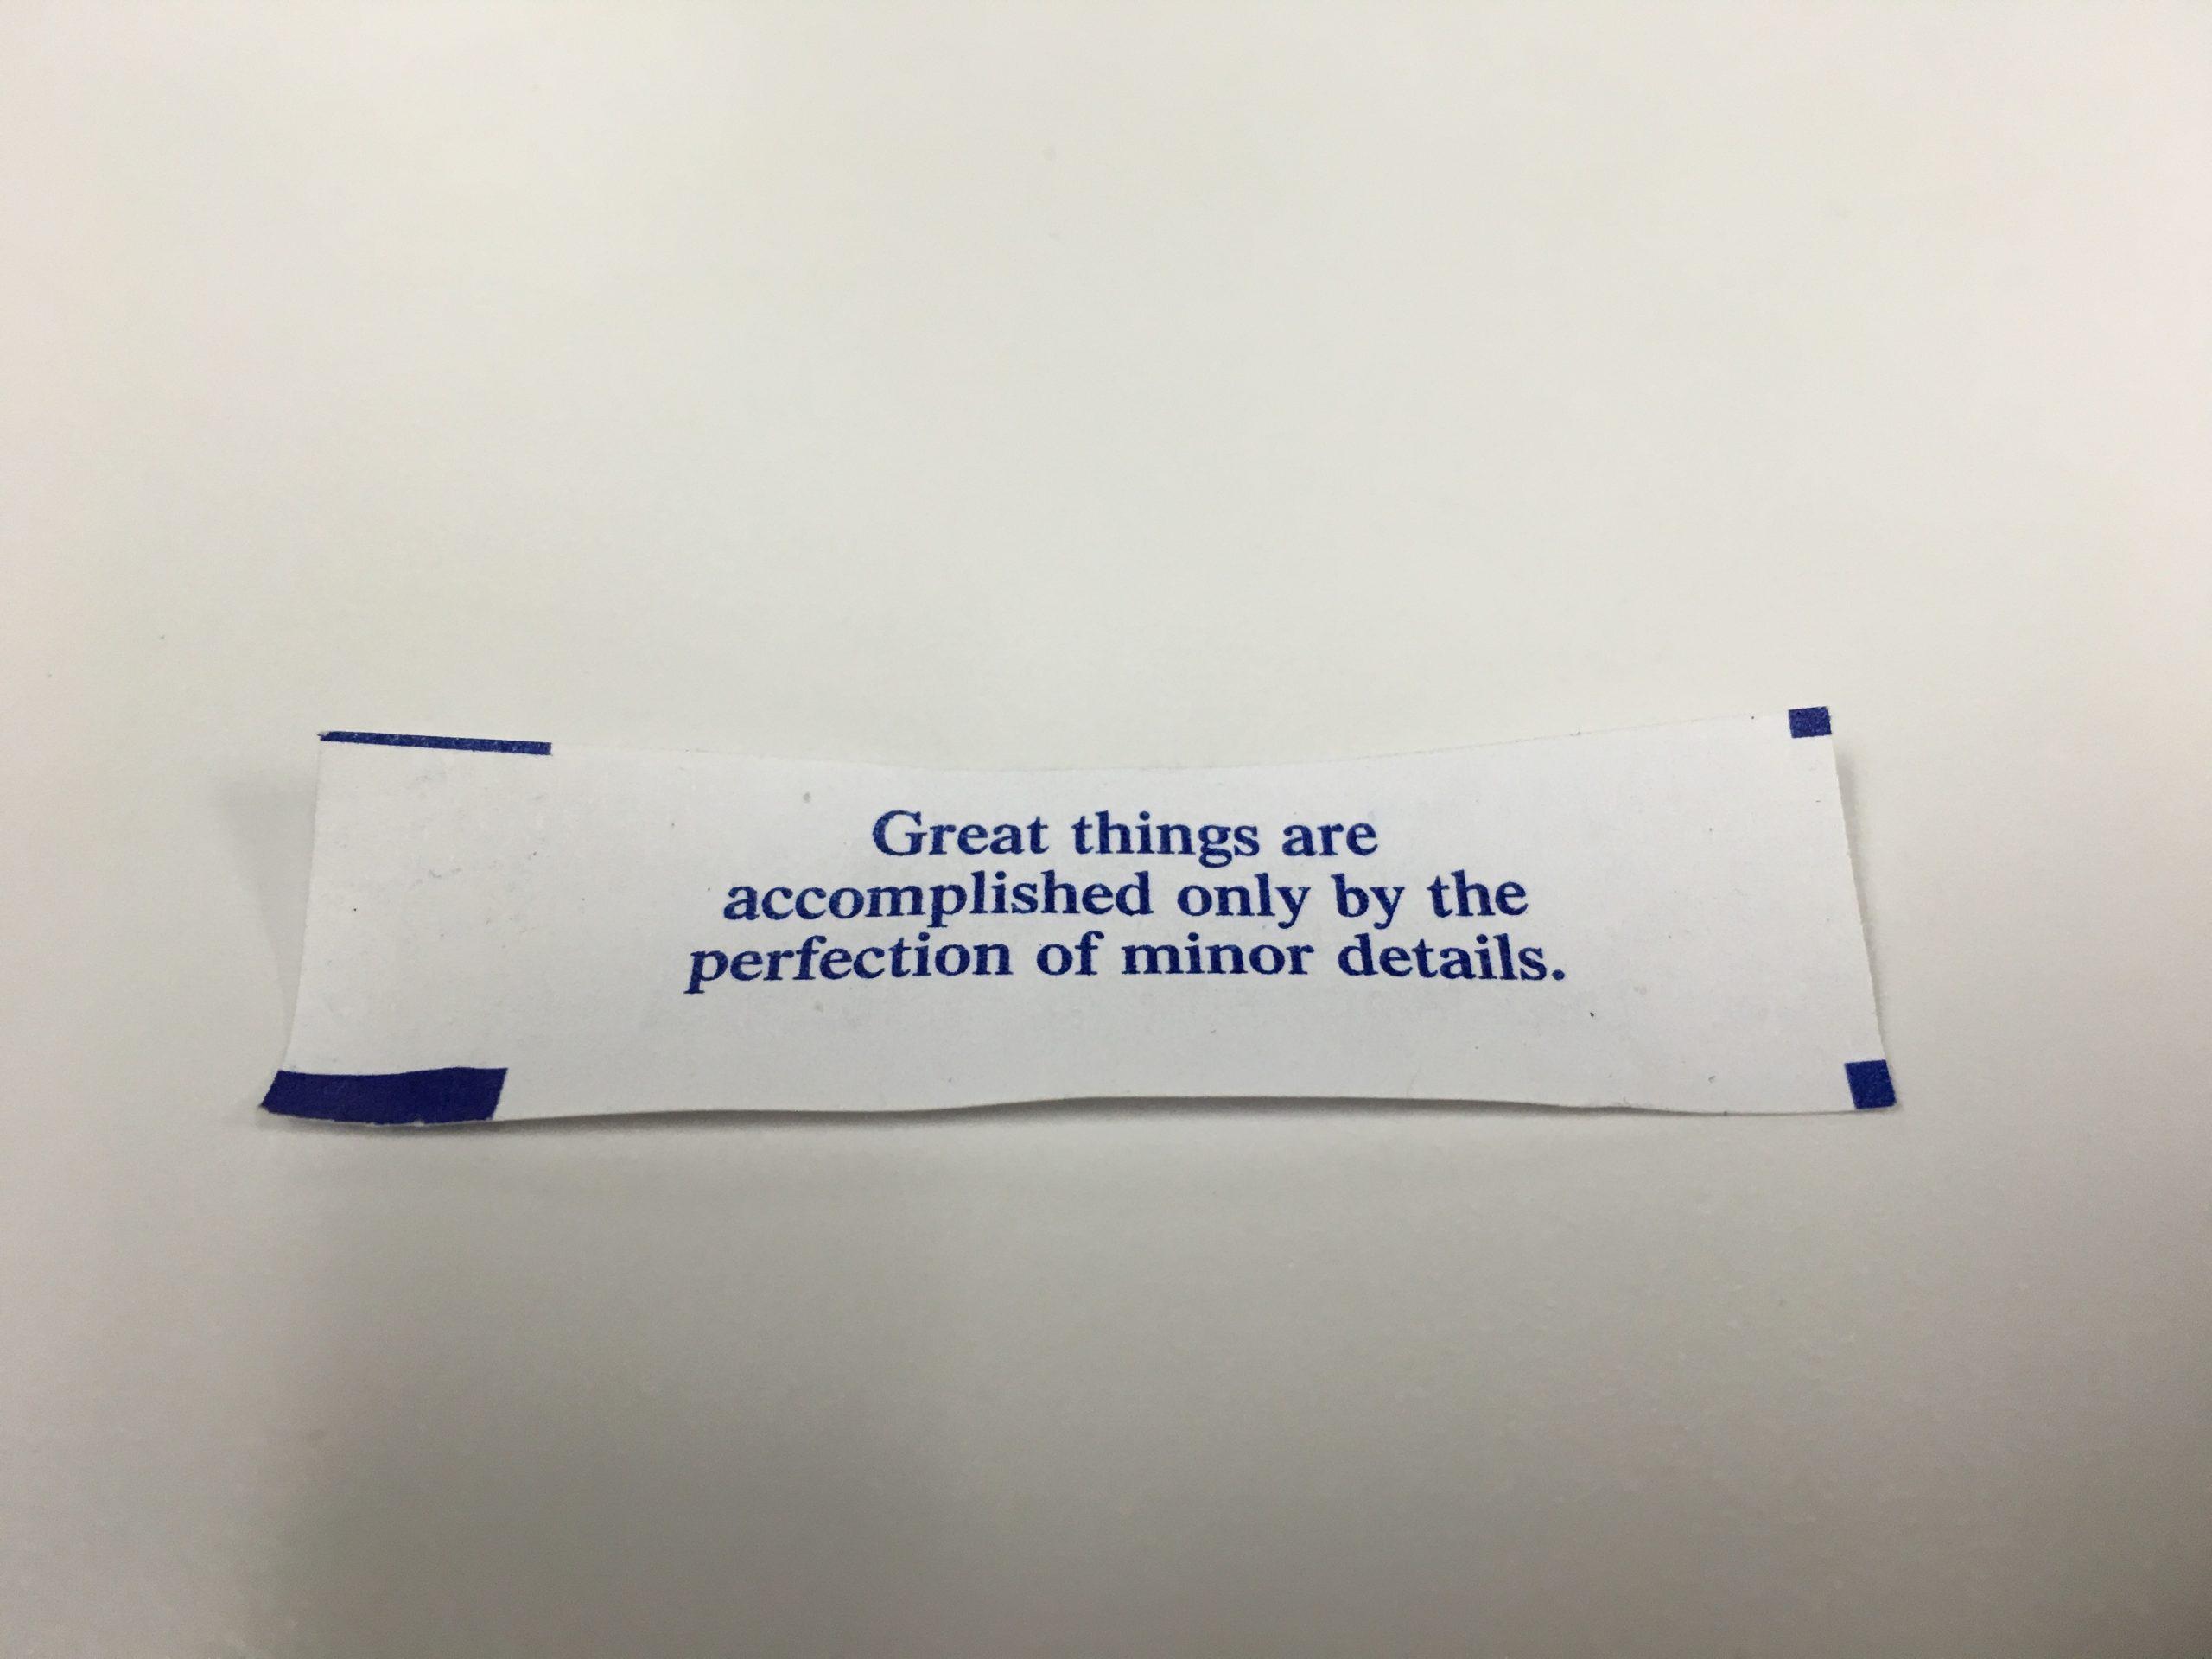 Product design wisdom